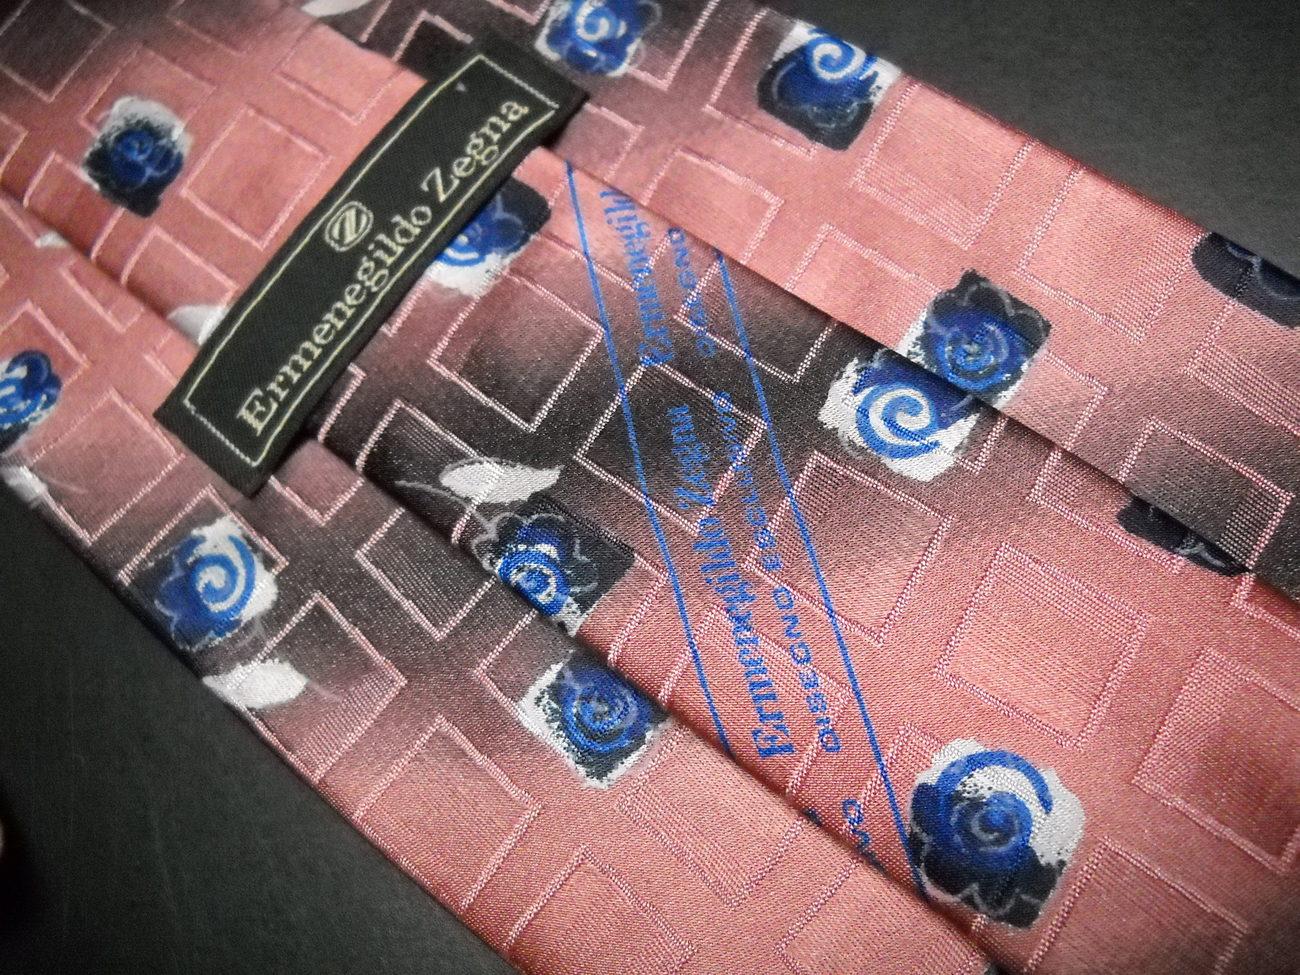 Ermenegildo Zegna Disegno Esclusivo Neck Tie Broad Band Stripes with Blue Roses image 4